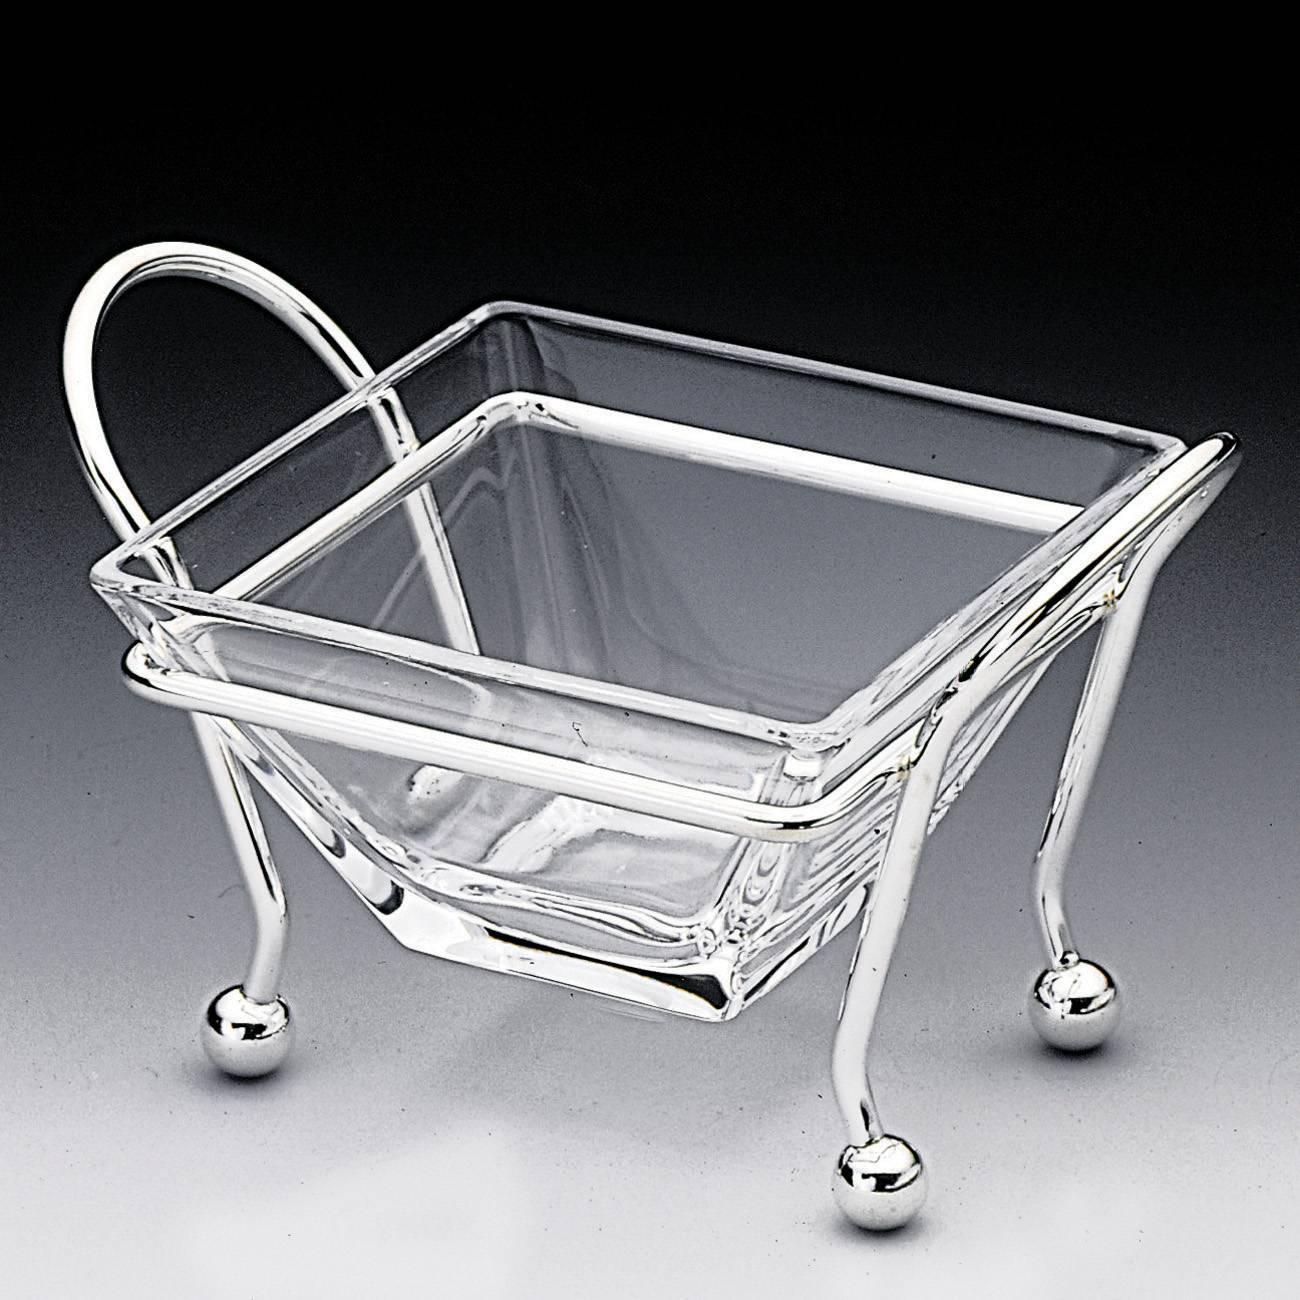 Petisqueira Charming em Prata e Vidro Média - Wolff - 14 cm